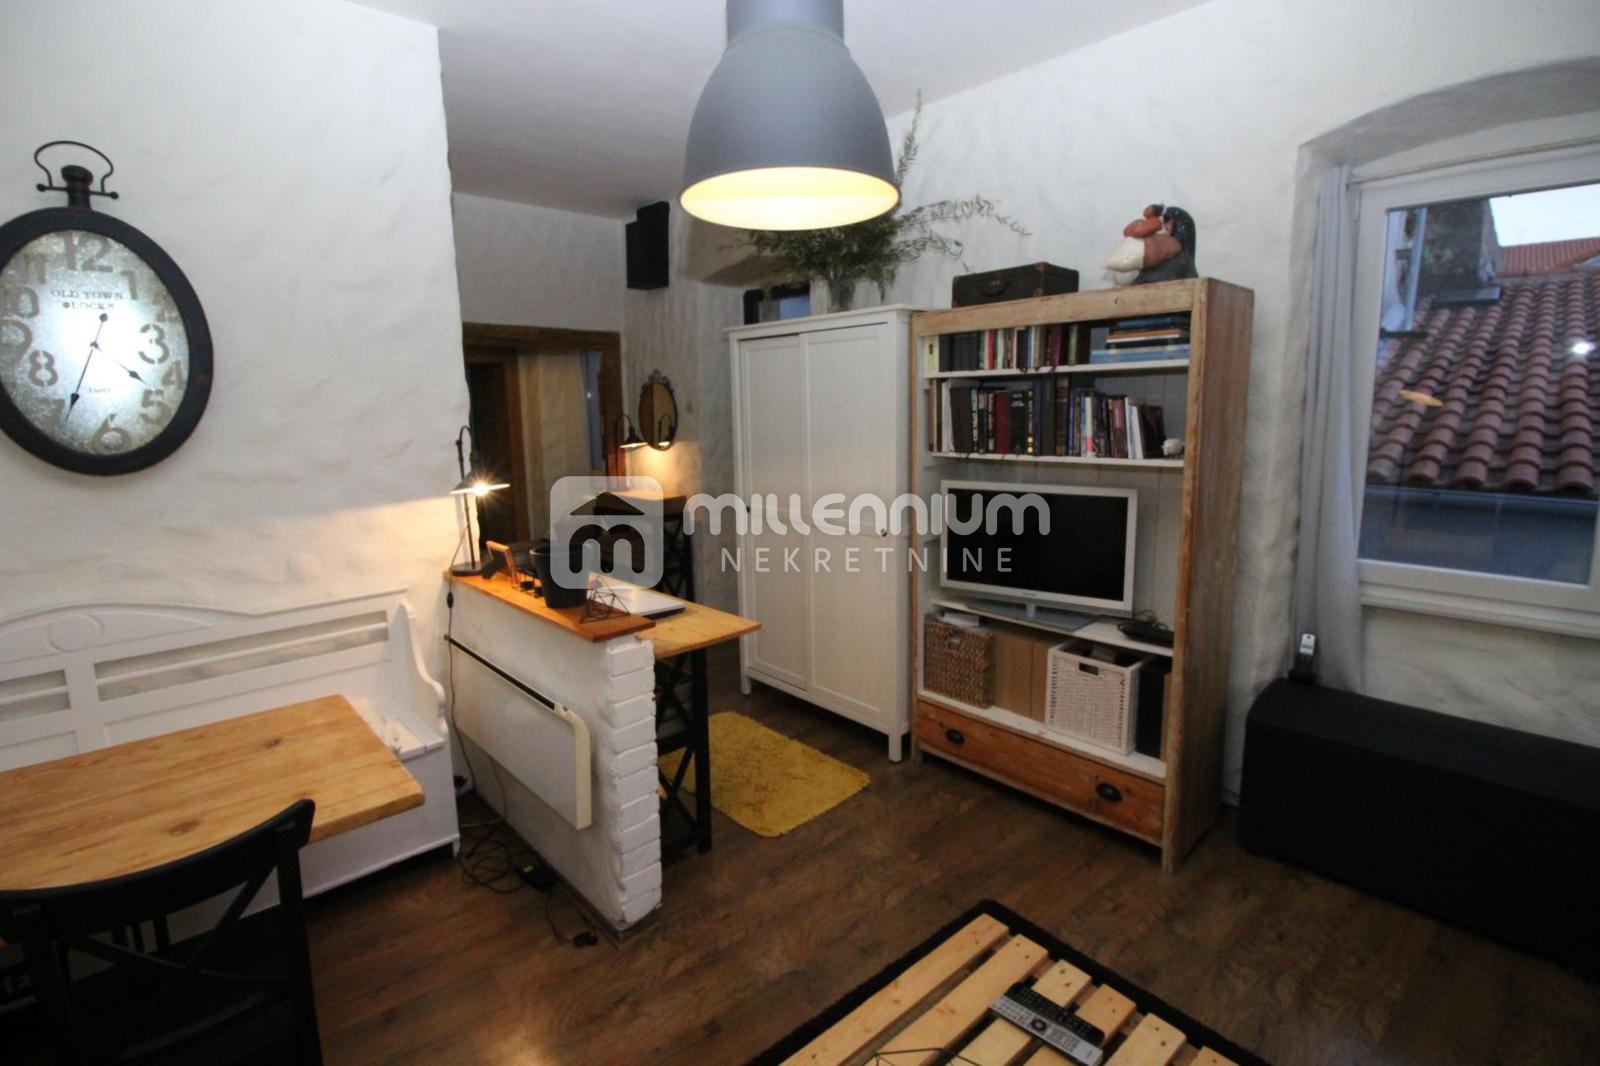 Wohnung Dobrinj, 52,50m2